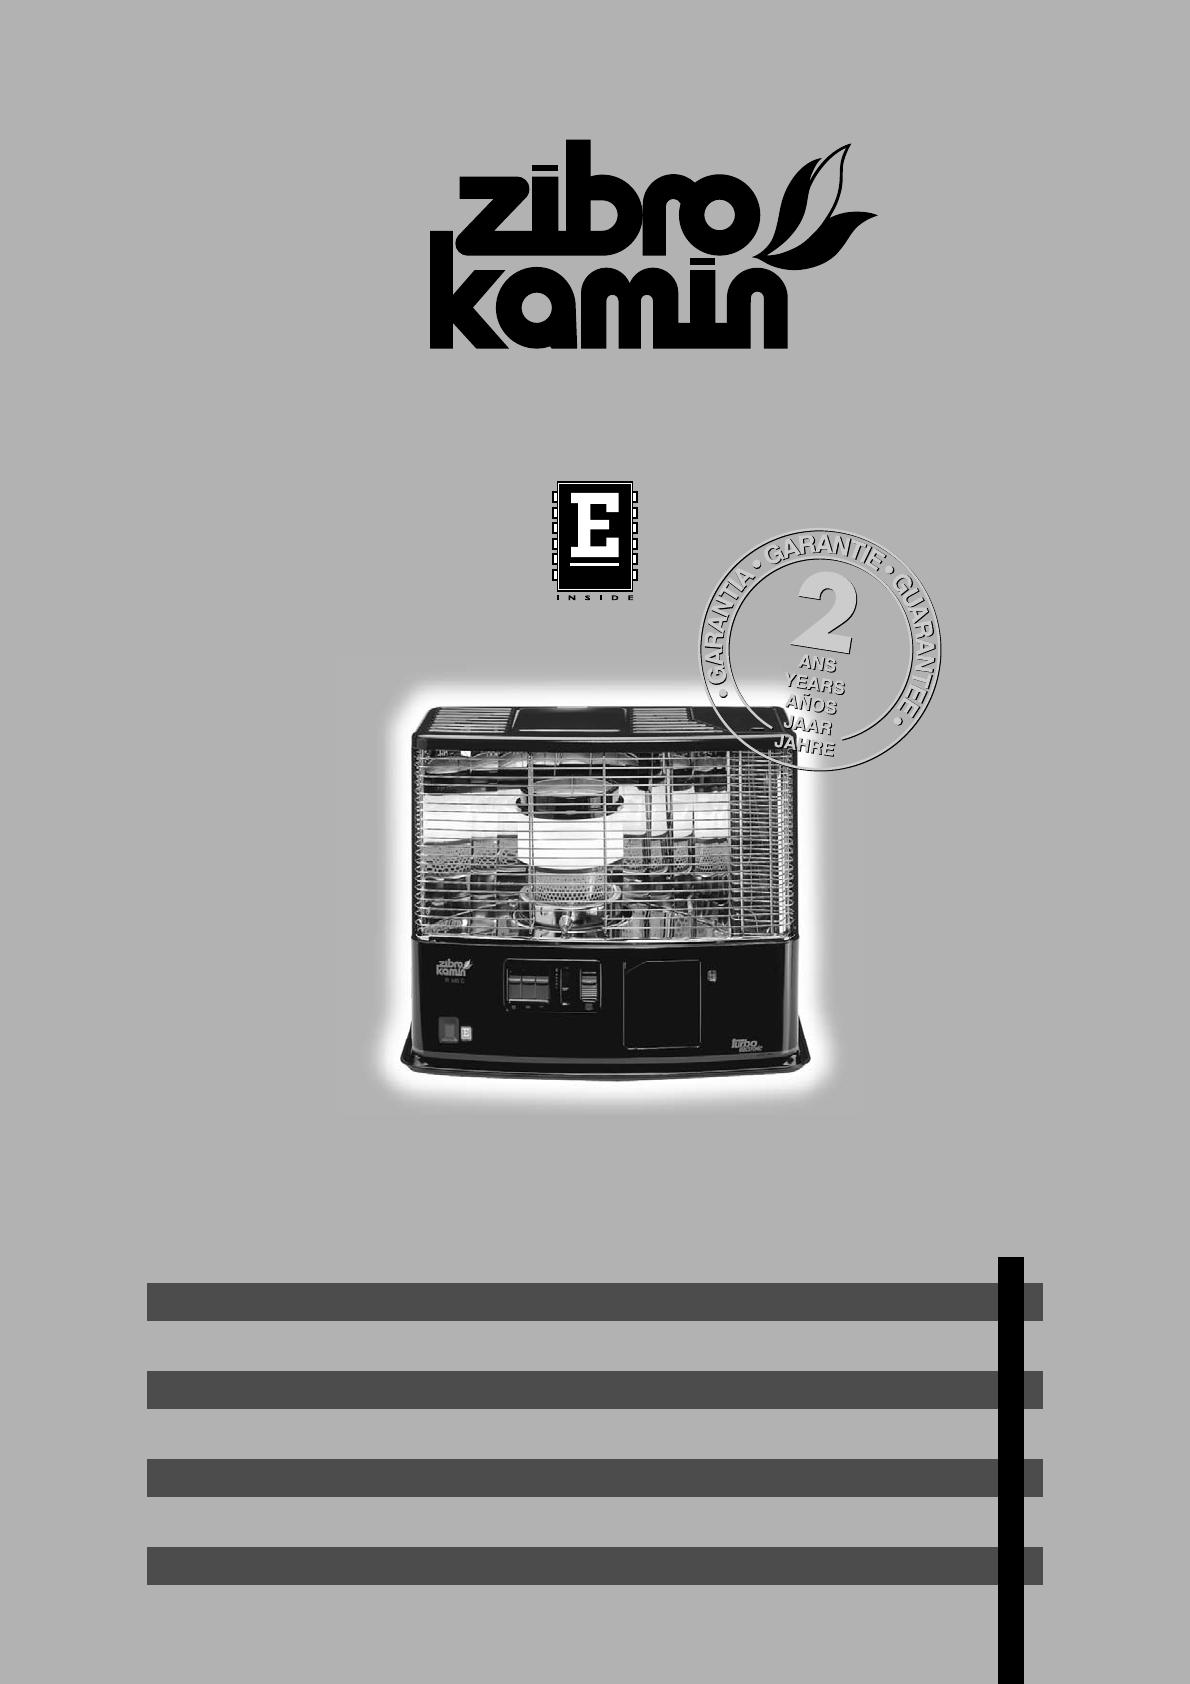 Ongebruikt 📖 Bedienungsanleitung Zibro Kamin R 140 E (16 Seiten) TZ-37